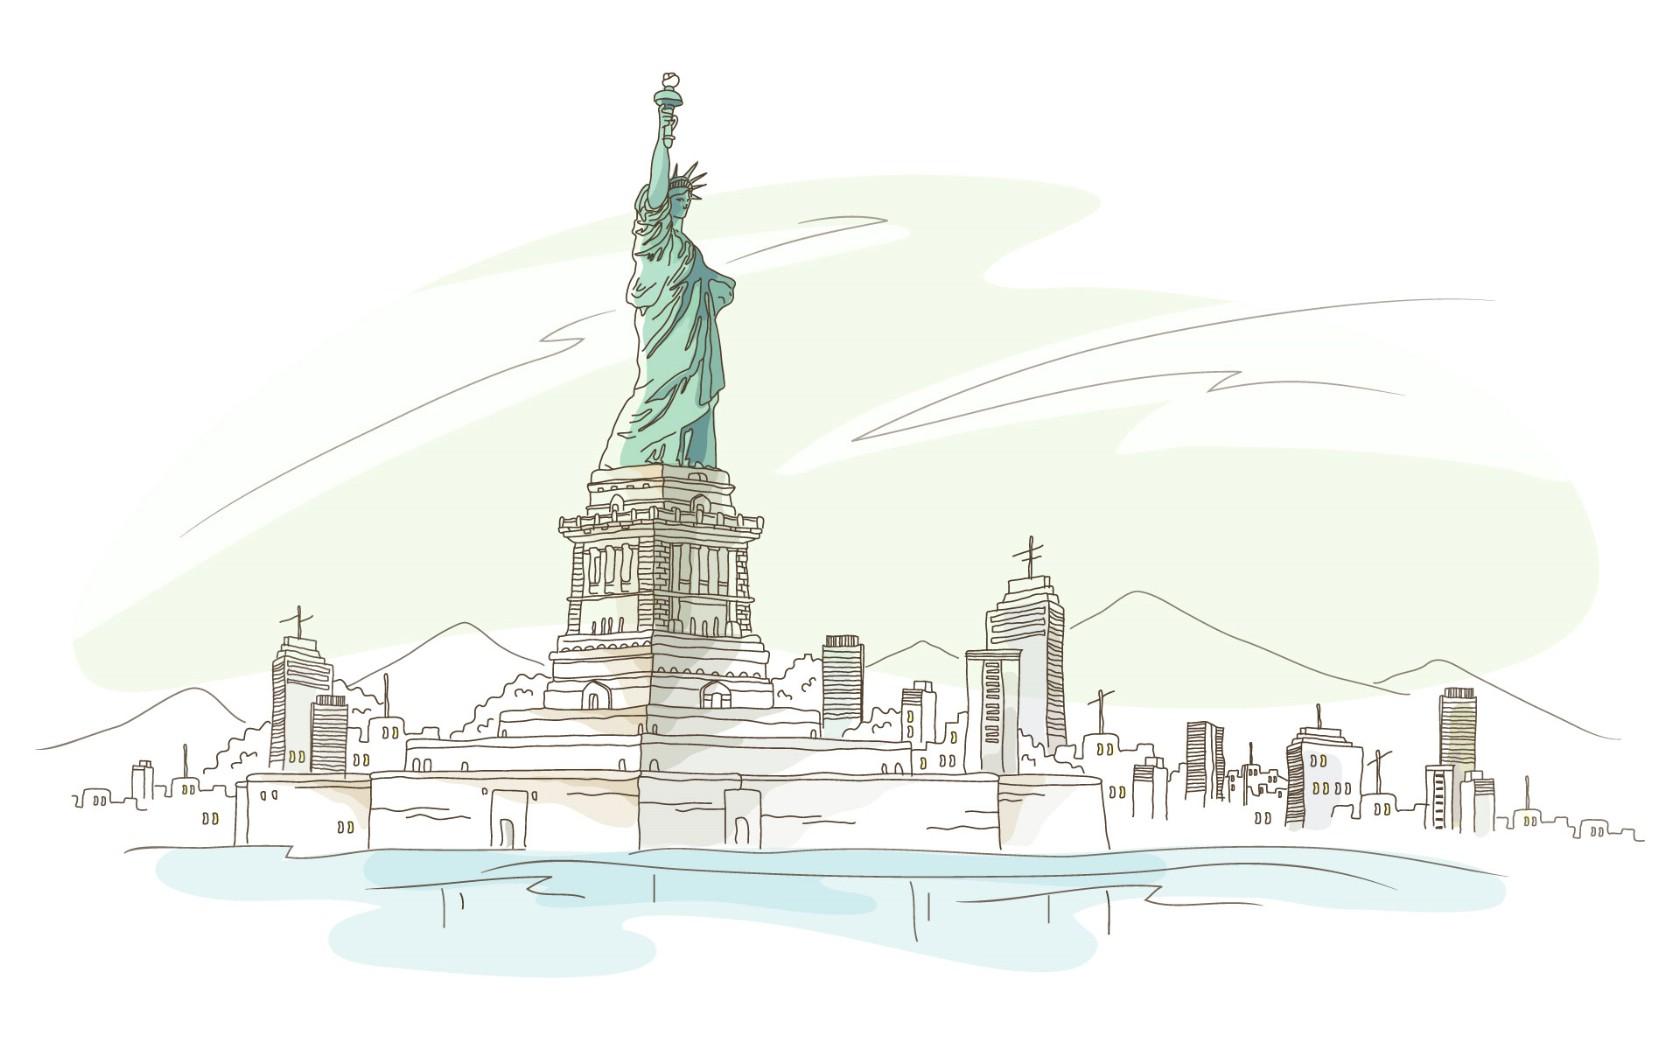 壁纸1680×1050简笔城市风光 2 20壁纸 简笔城市风光壁纸图片绘画壁纸绘画图片素材桌面壁纸